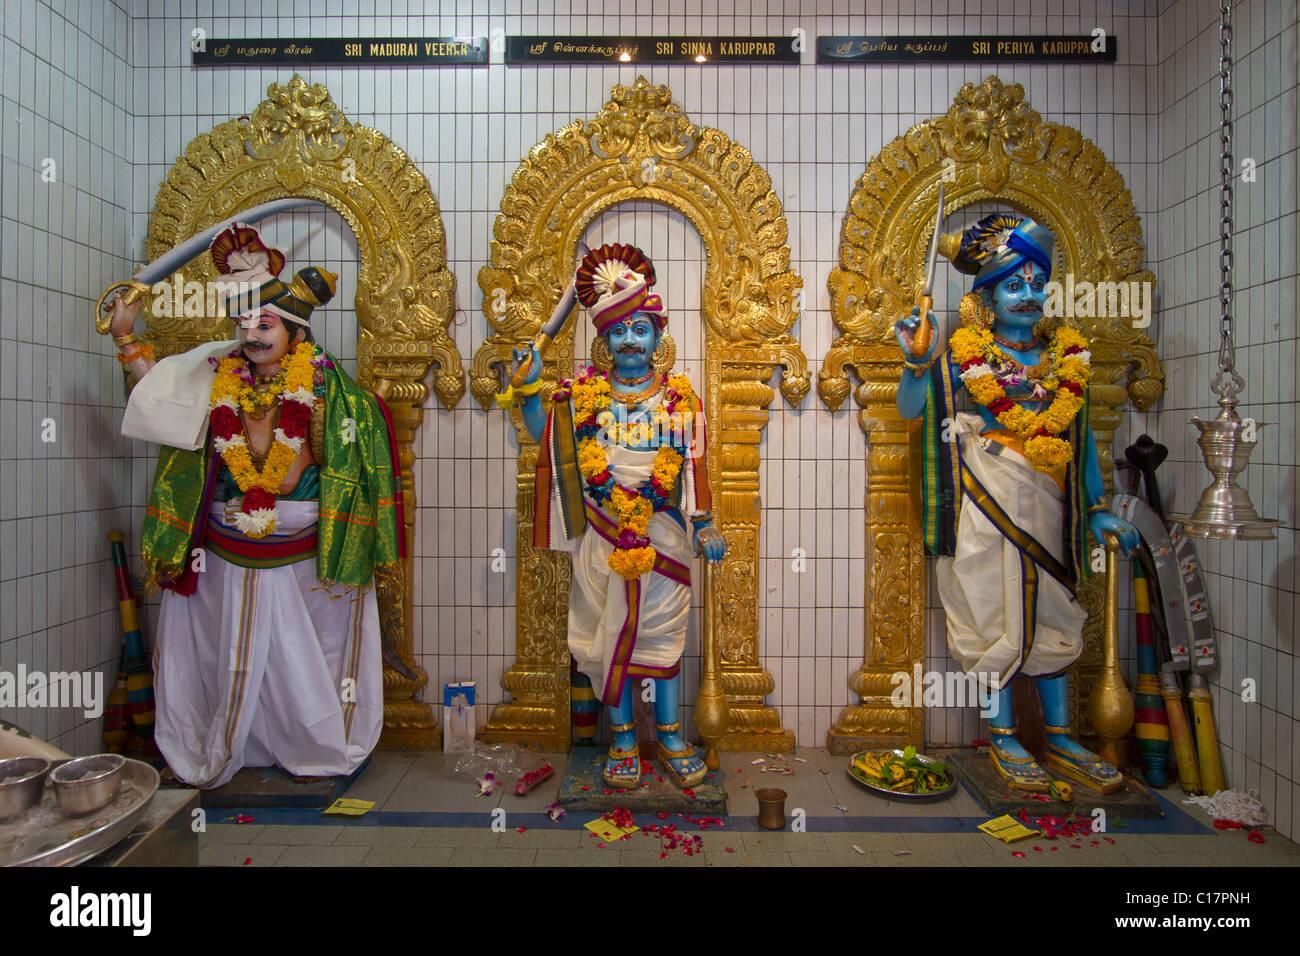 Sri Veeramakaliamman Hindu temple deities in Serangoon Road Singapore - Stock Image